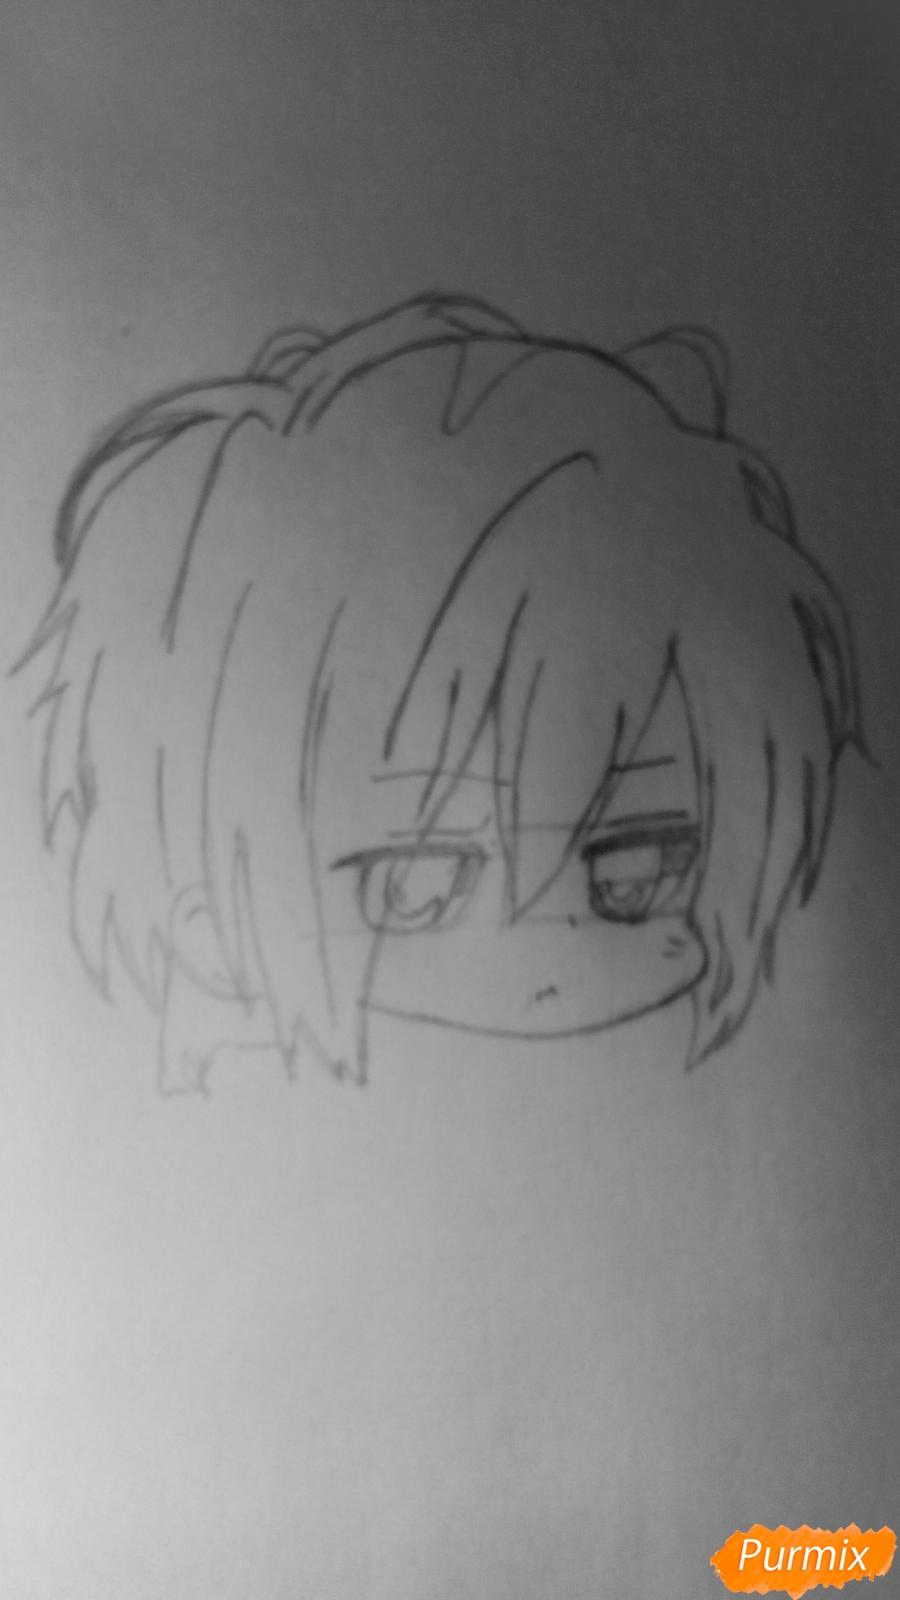 Рисуем чиби Сайто Хаджиме из аниме Сказание о демонах сакуры - шаг 3